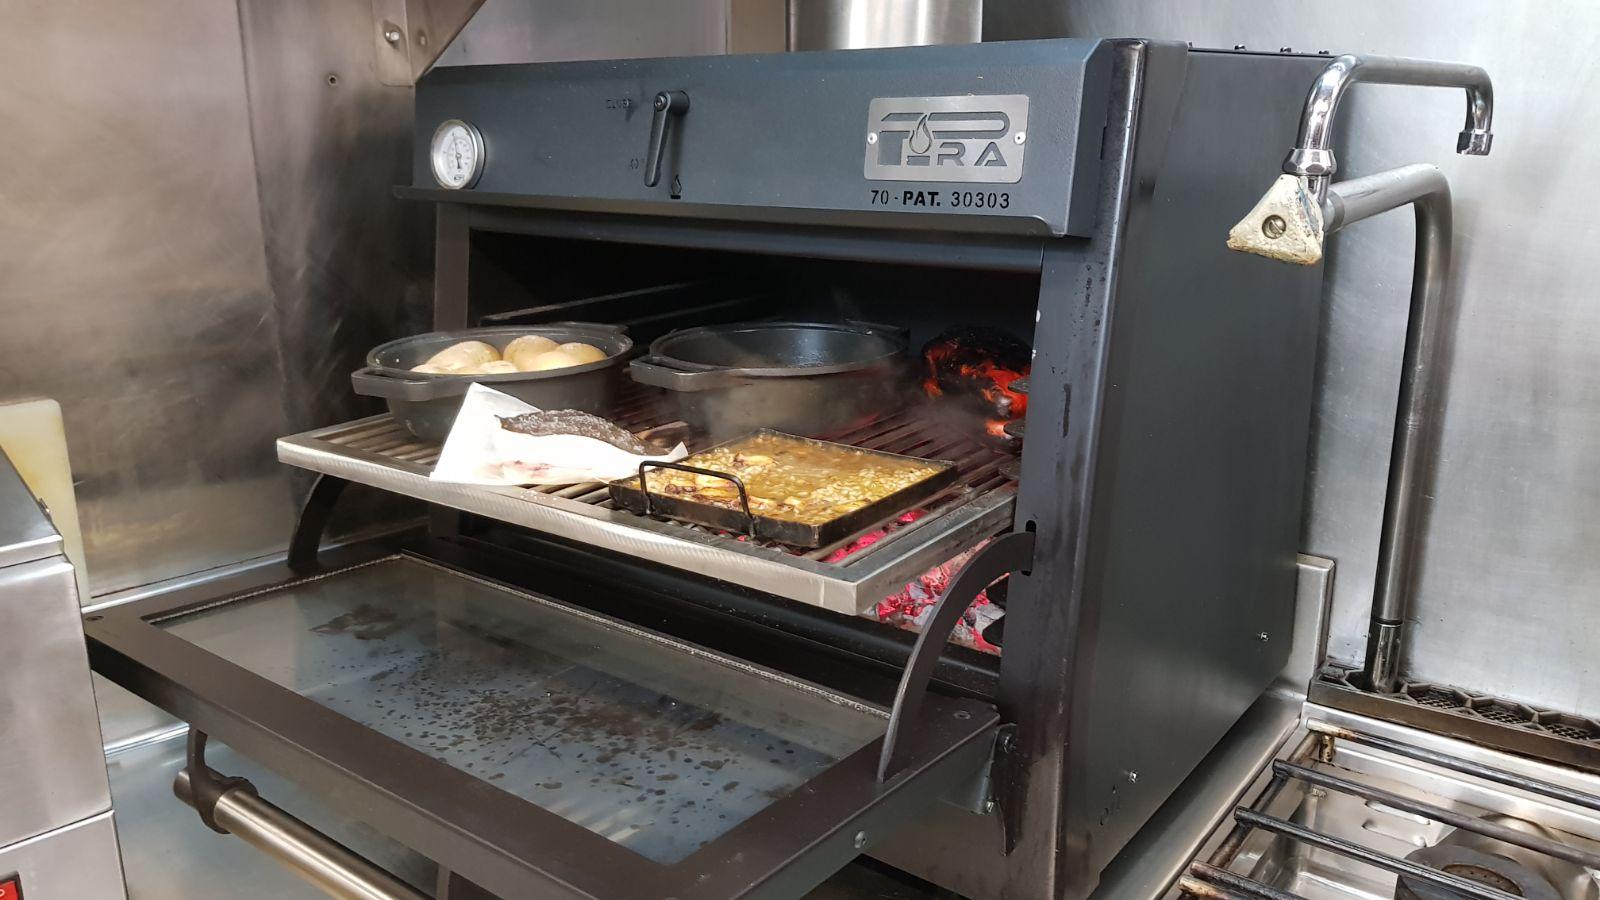 Pira black 70 forno cotture